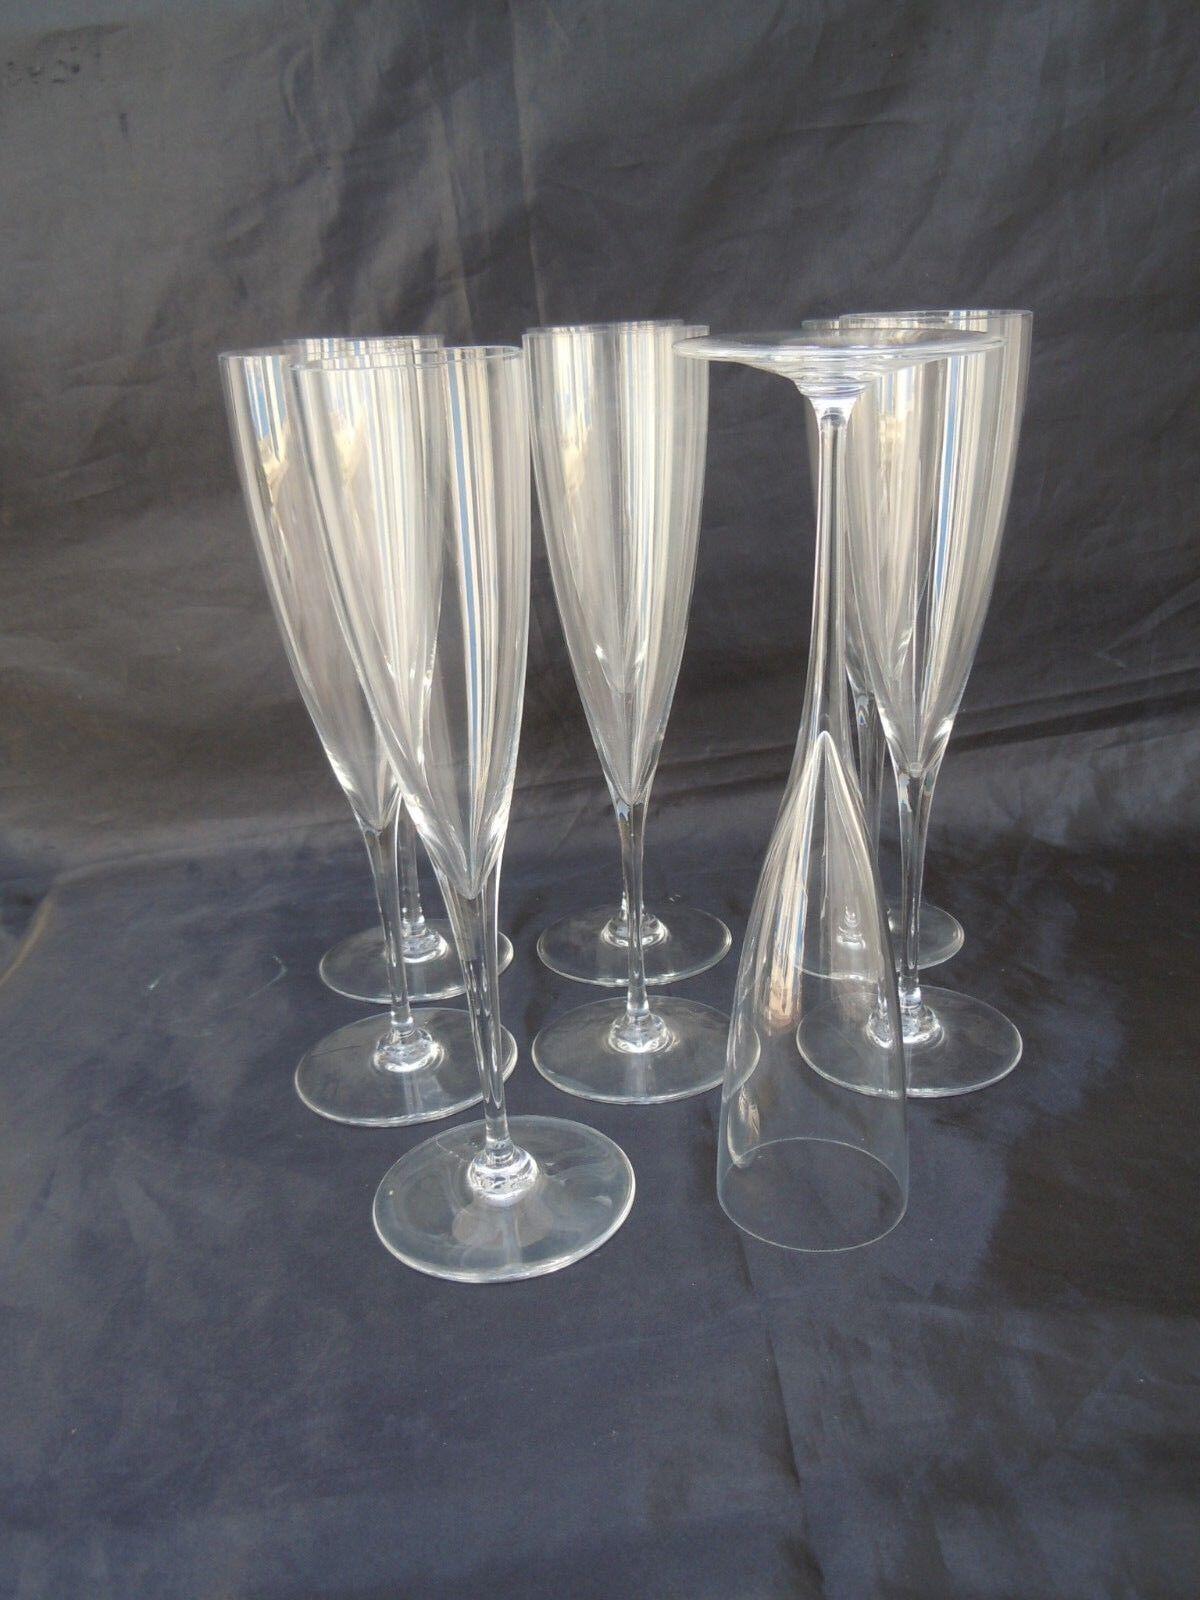 Série flûtes champagne cristal Baccarat modele Dom Perignon